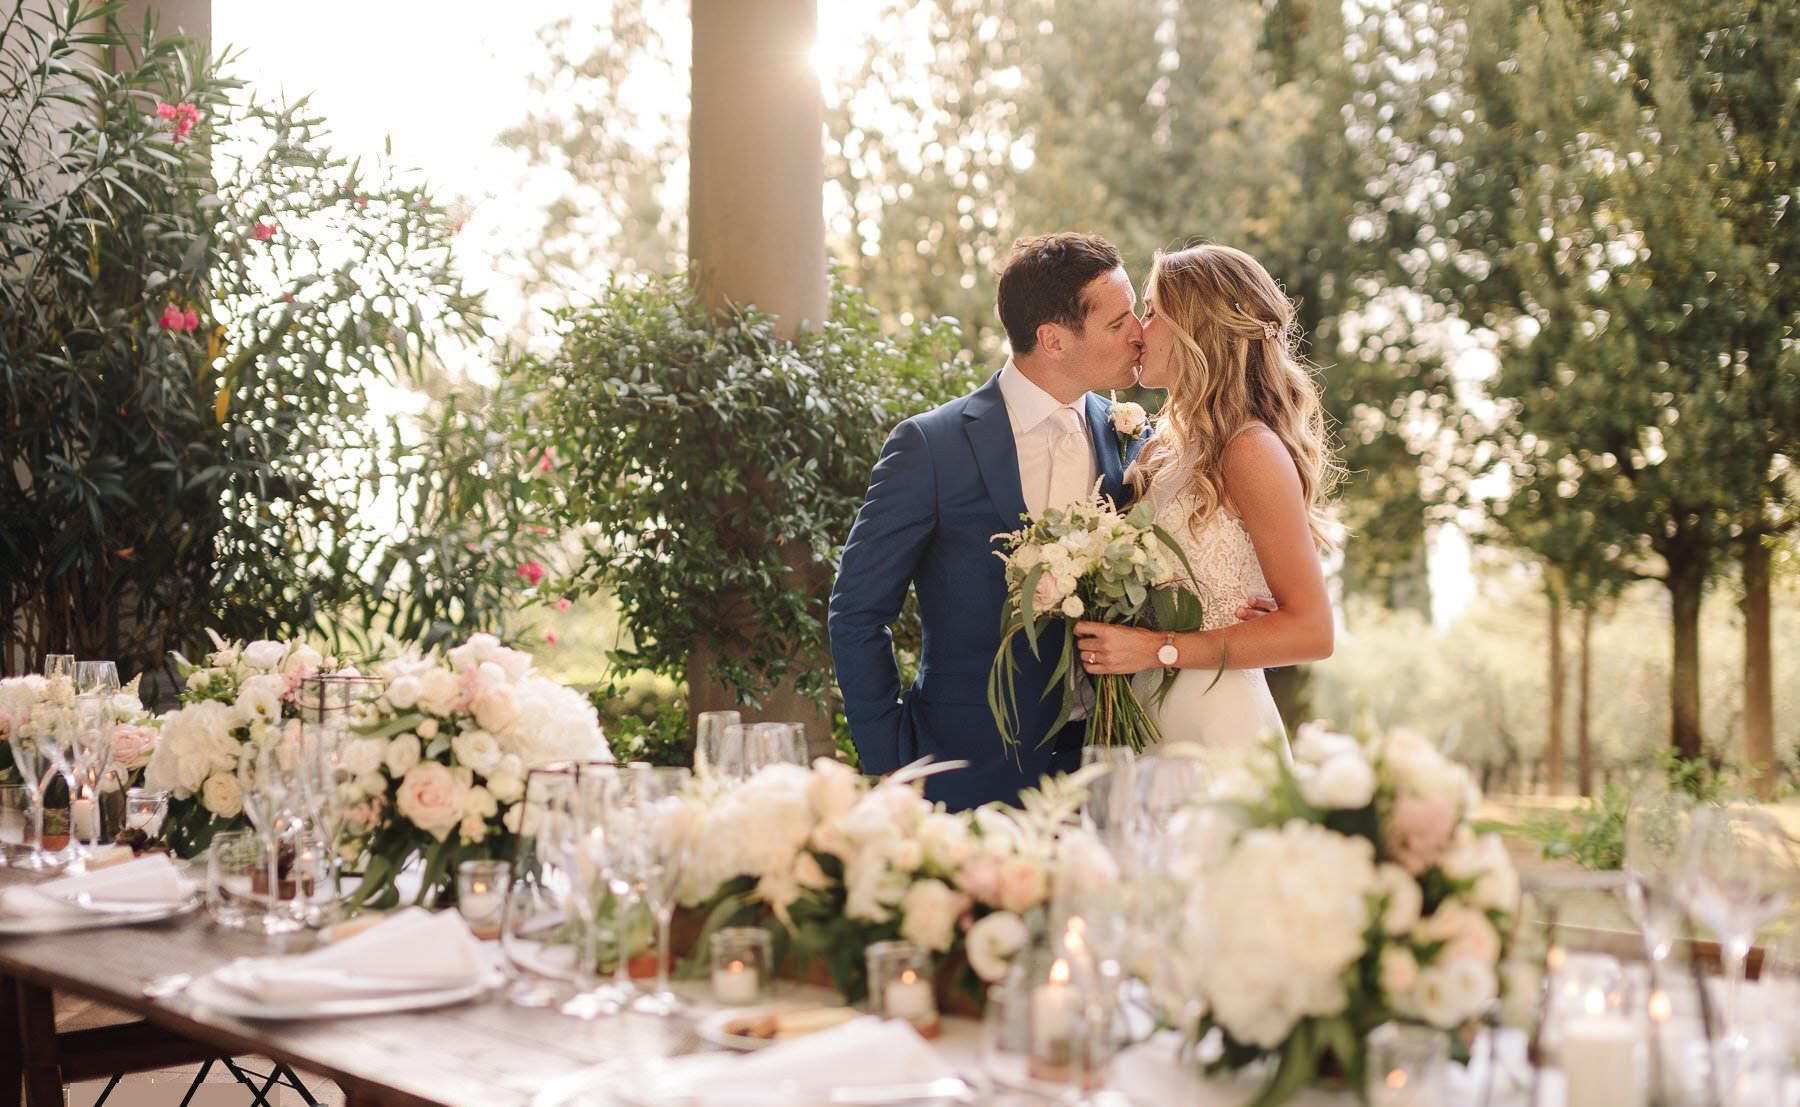 Hình ảnh cặp đôi hôn nhau lãng mạn trong ngày cưới